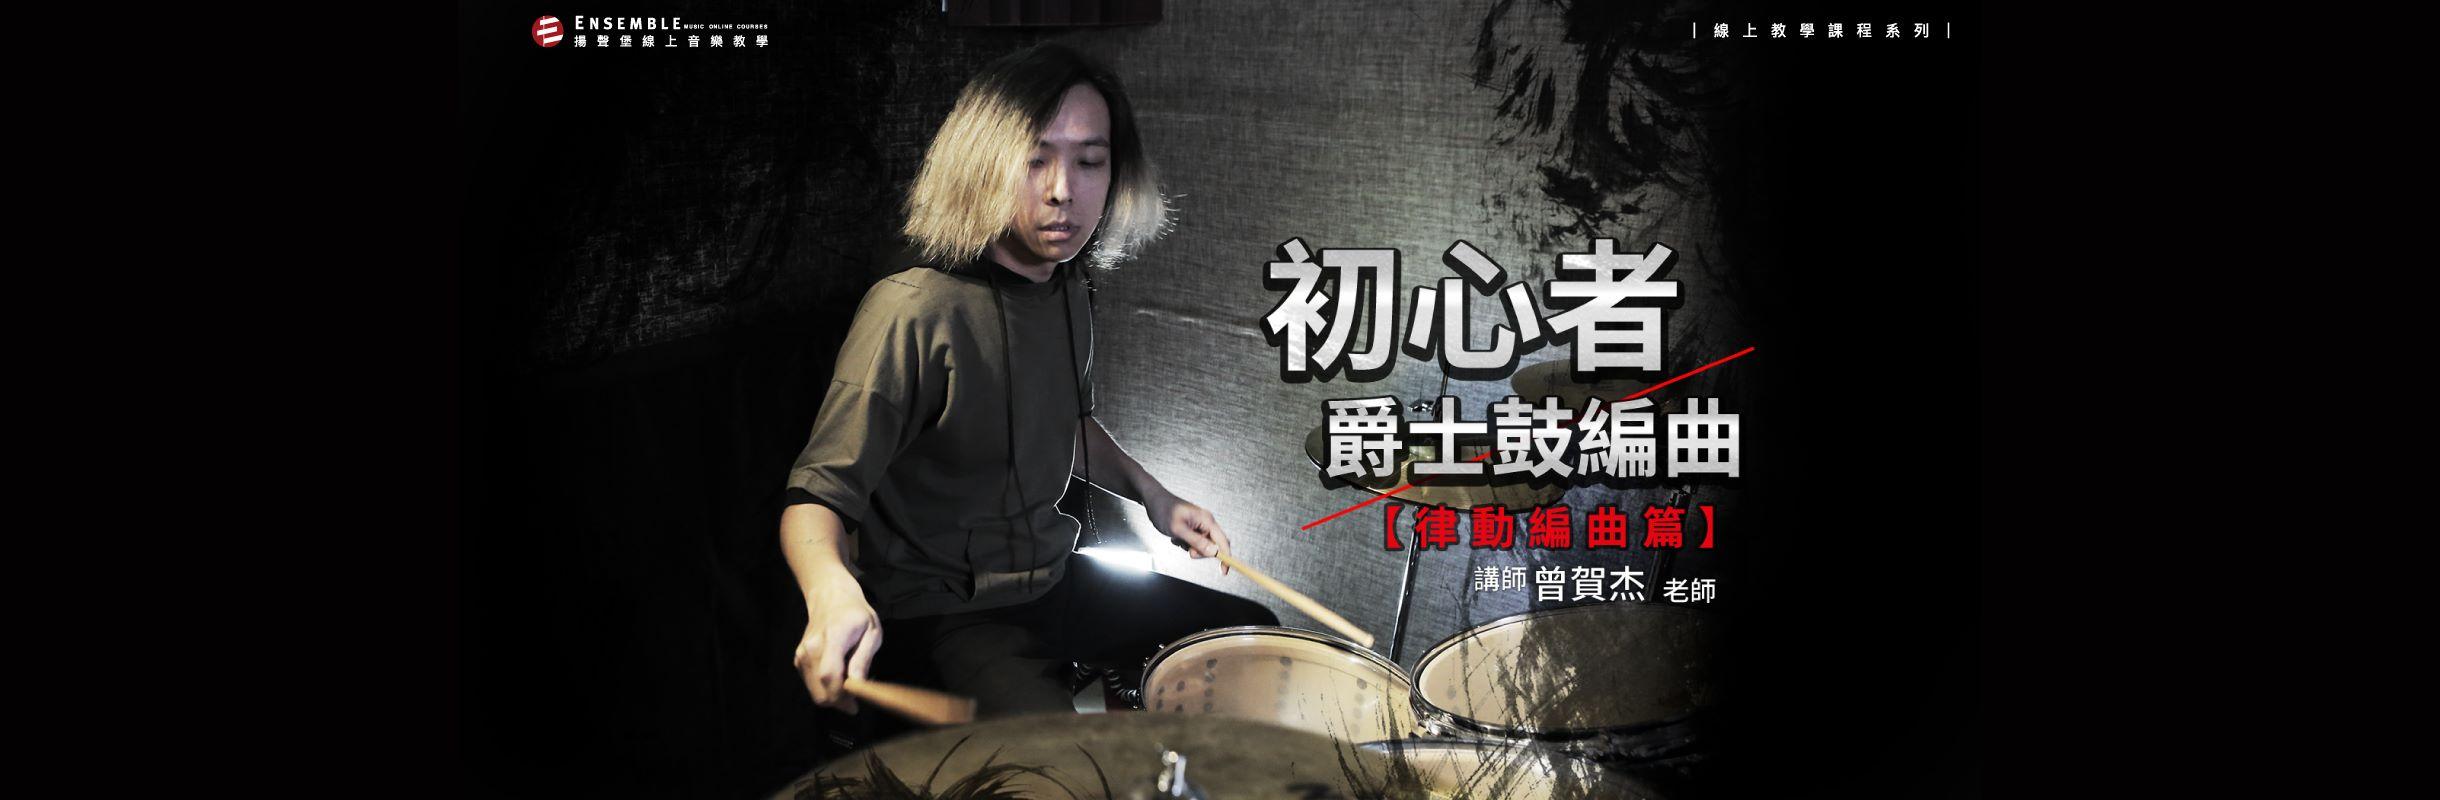 賀J - 初心者爵士鼓編曲